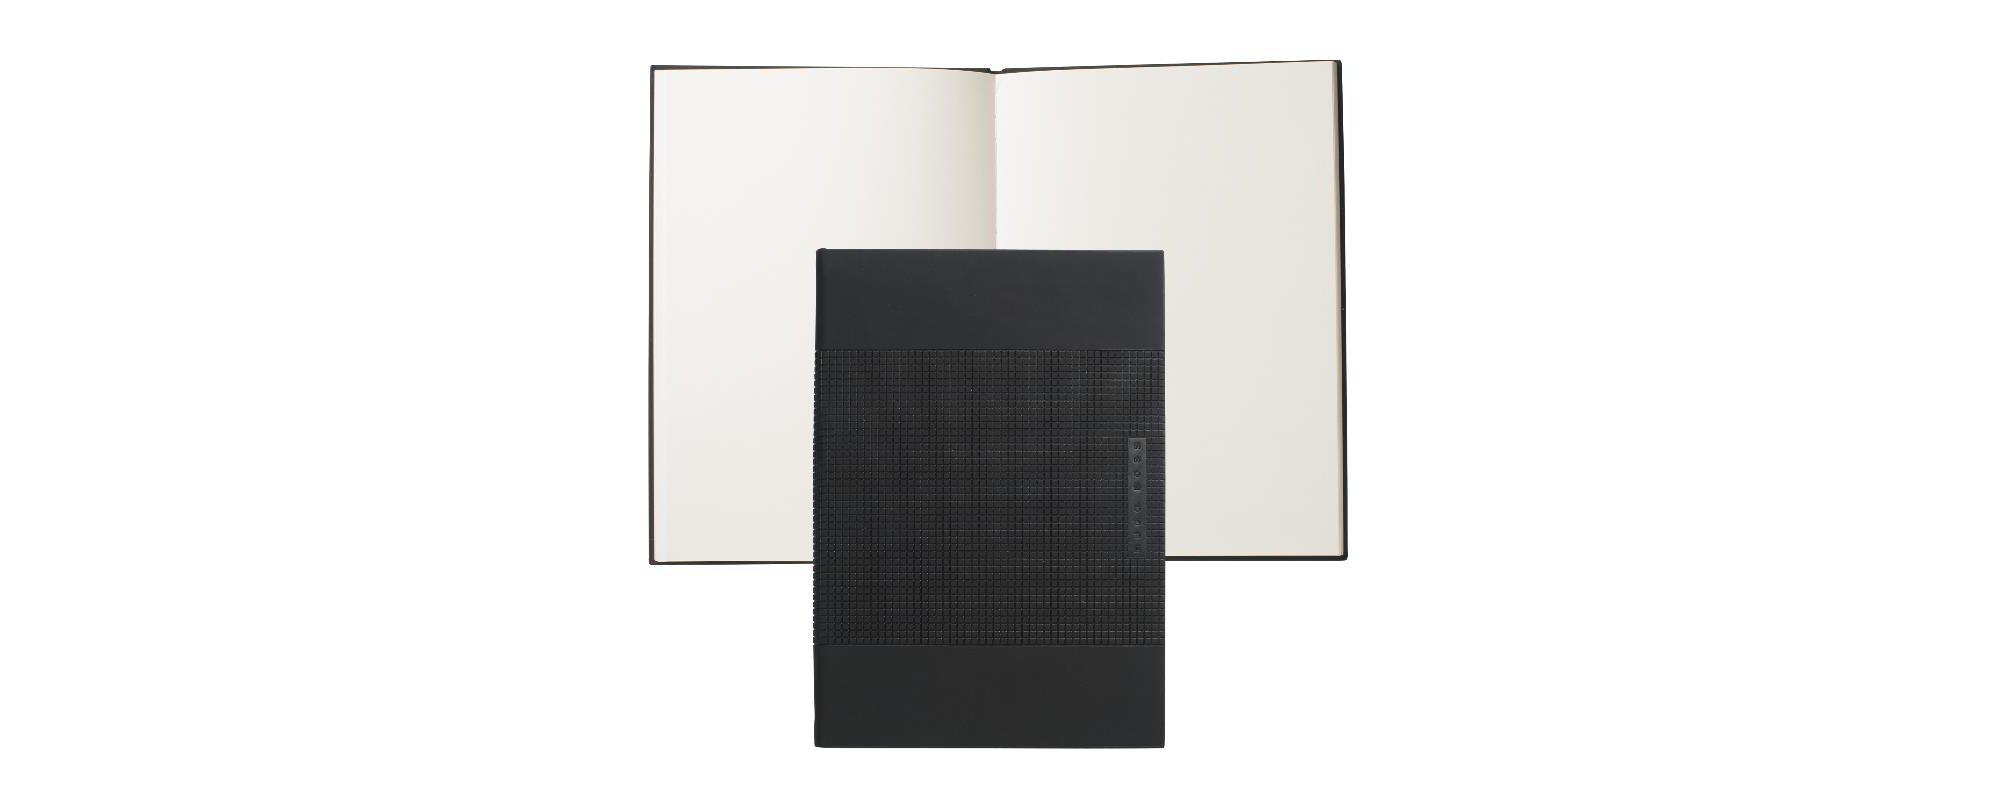 Notizbuch im DIN A5-Format mit strukturiertem Hardcover: 'Grid', Schwarz